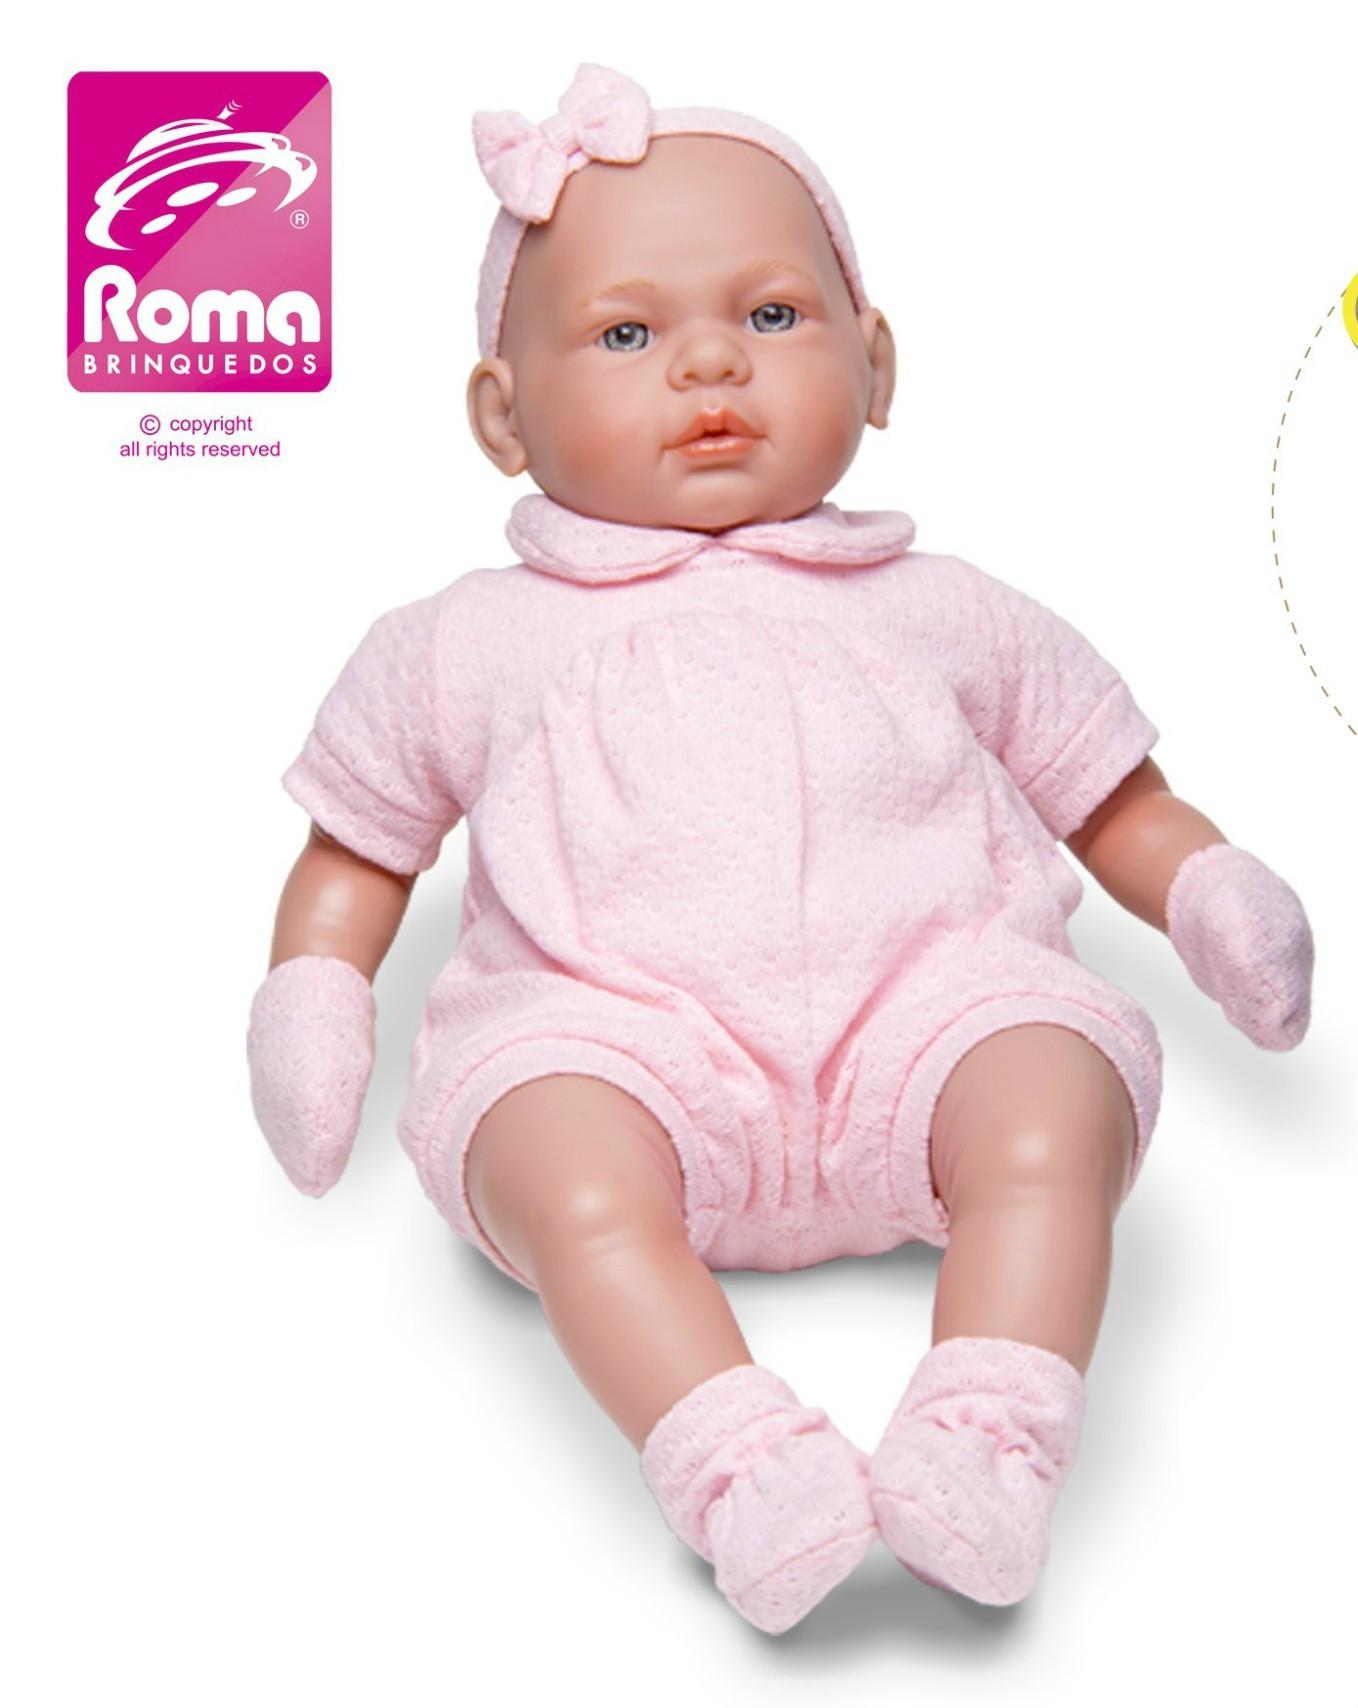 Boneca Bebê Real Roma Jensen